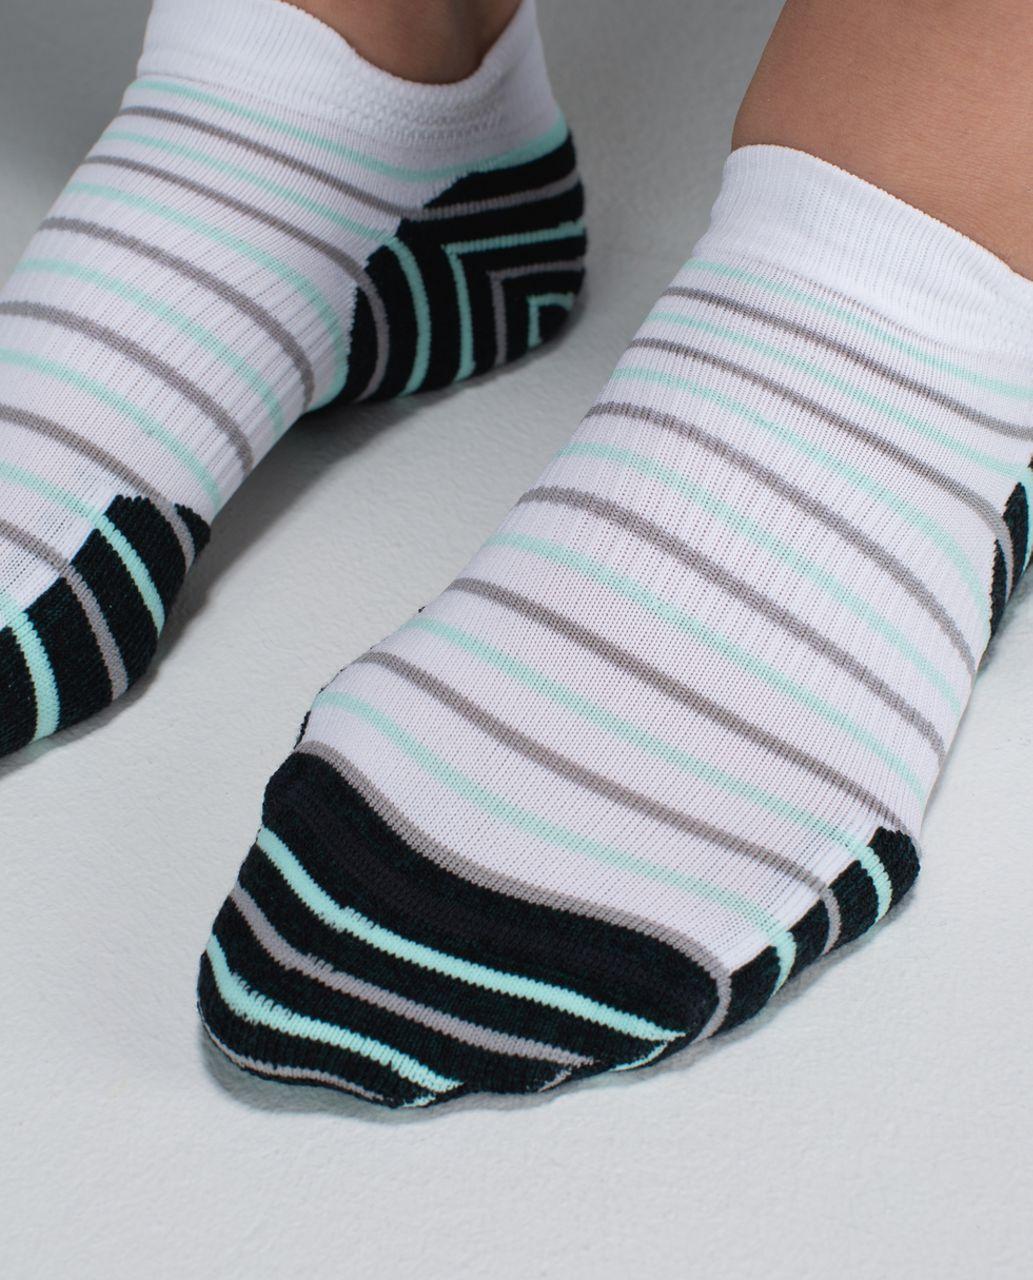 Lululemon Women's Ultimate Padded Run Sock - 4x10 Stripe Fuel Green